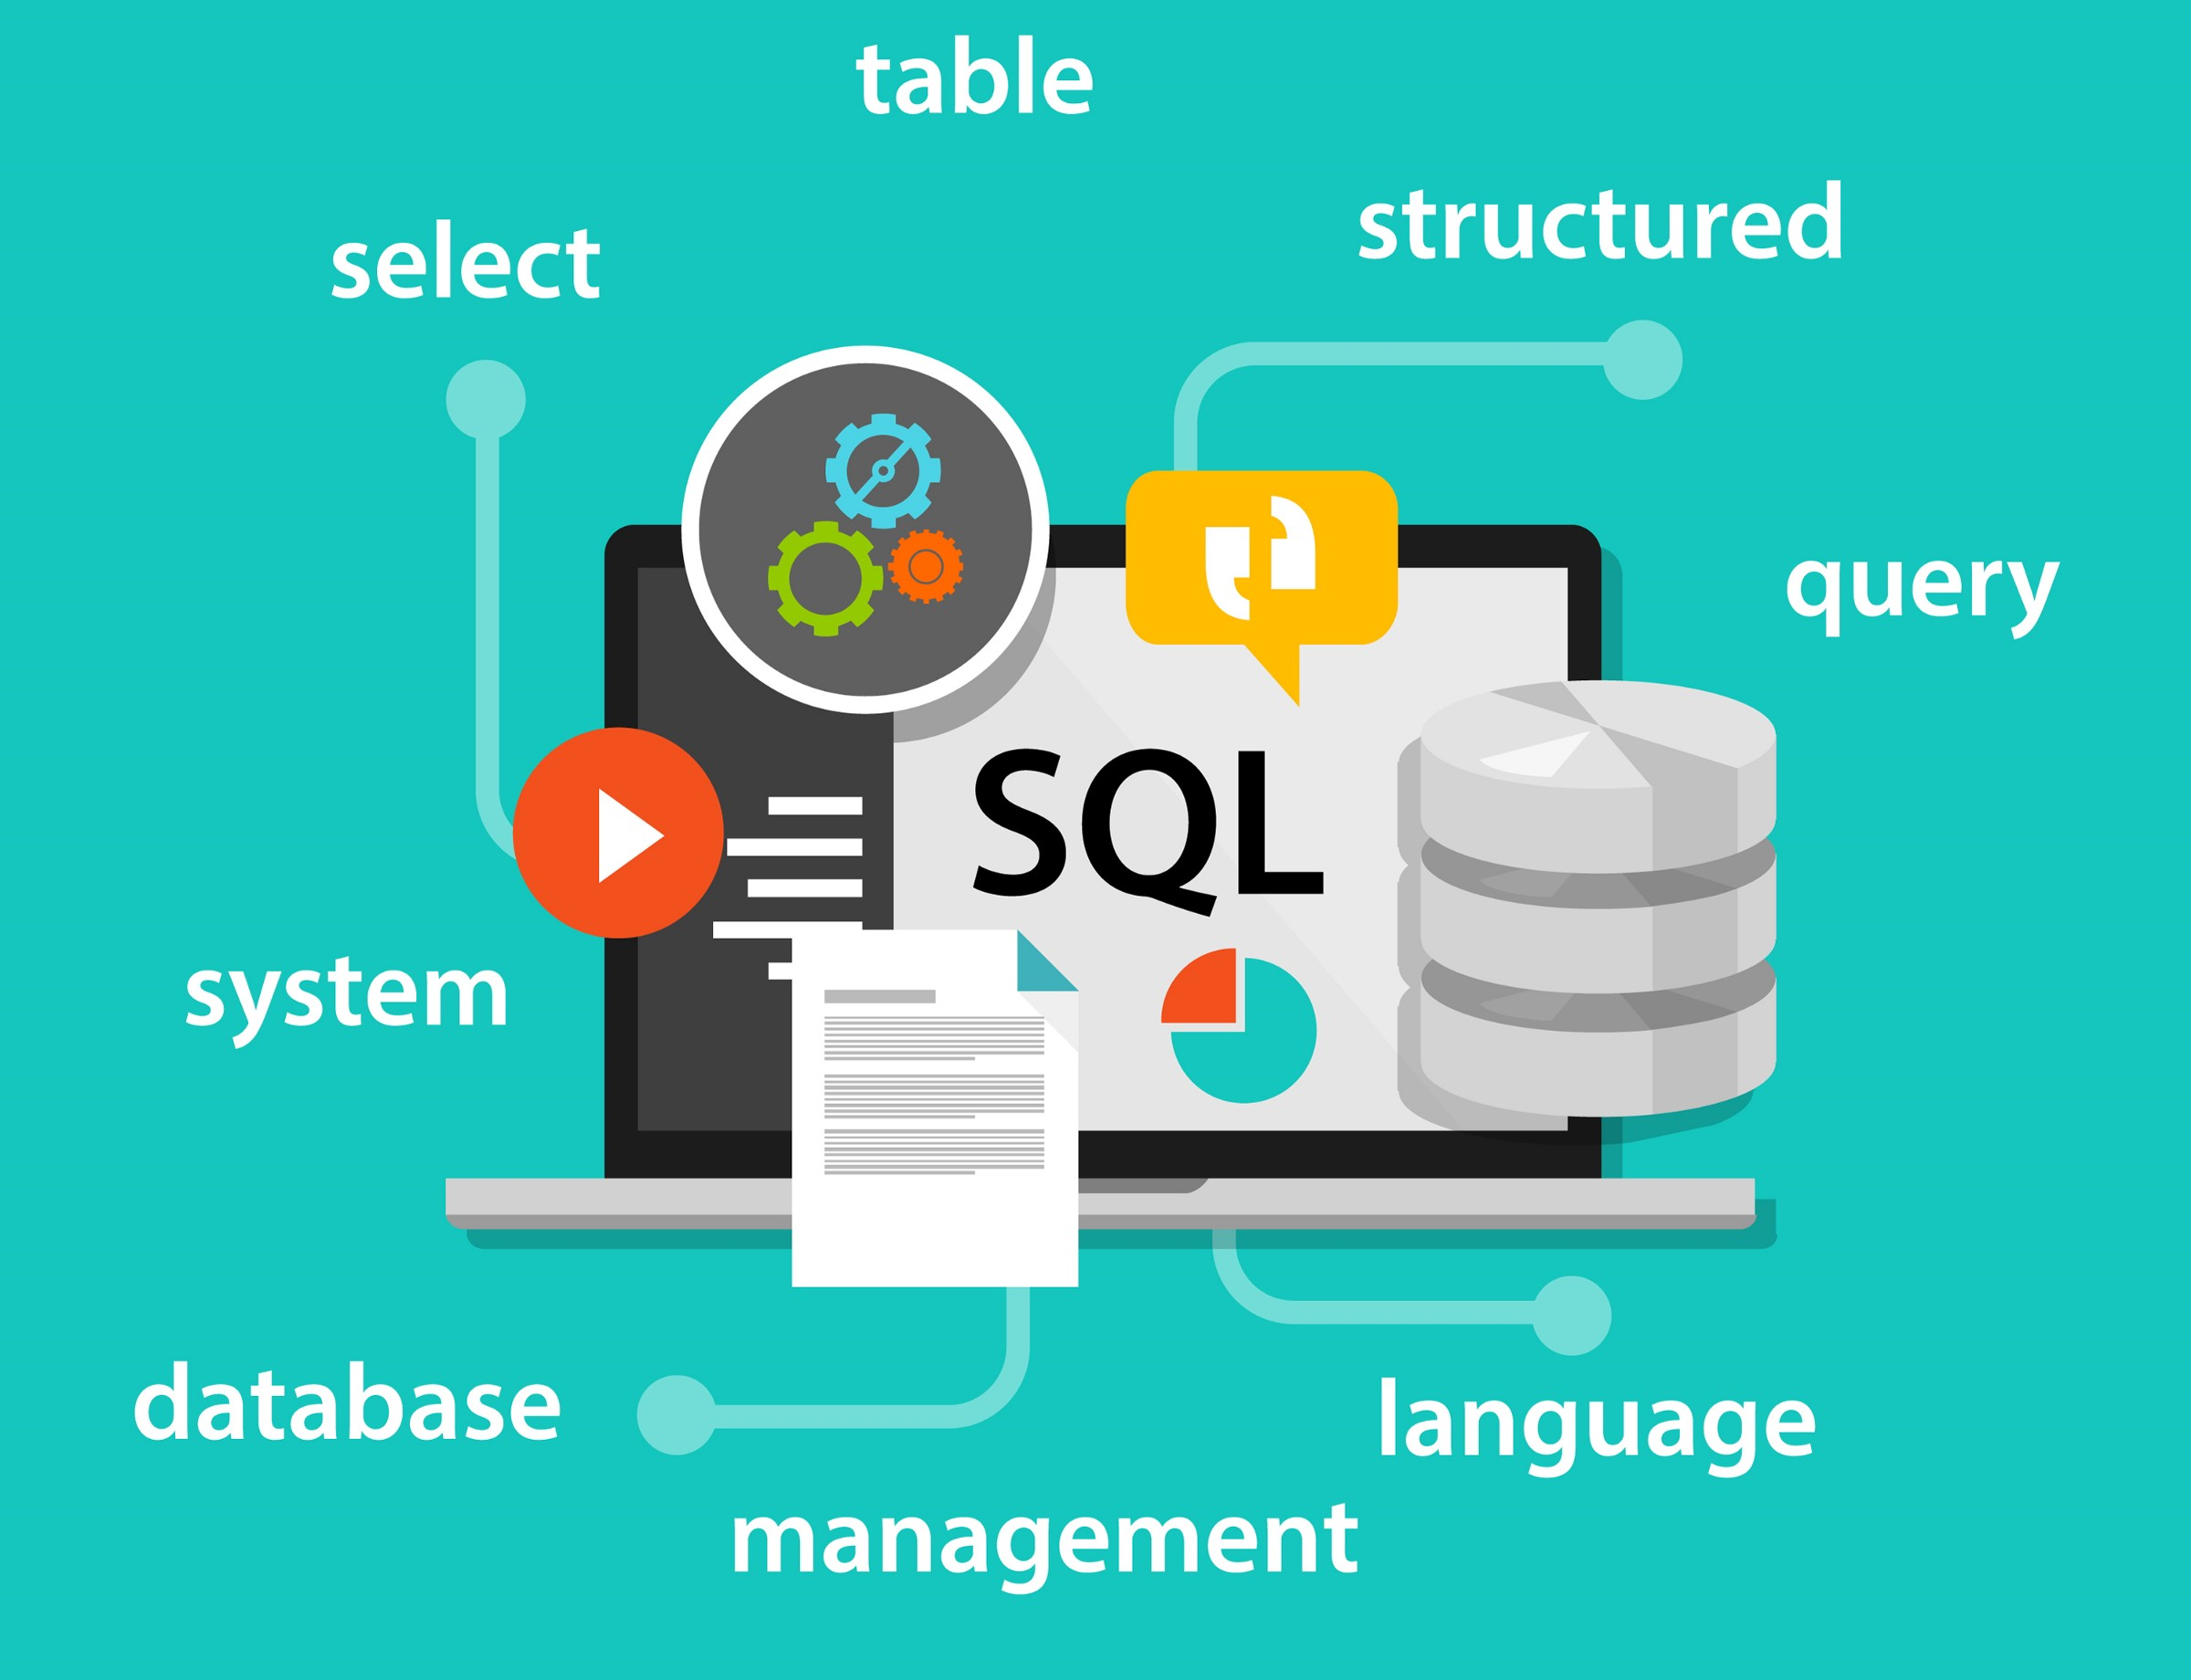 Mas afinal, o que é SQL e onde pode ser usado?